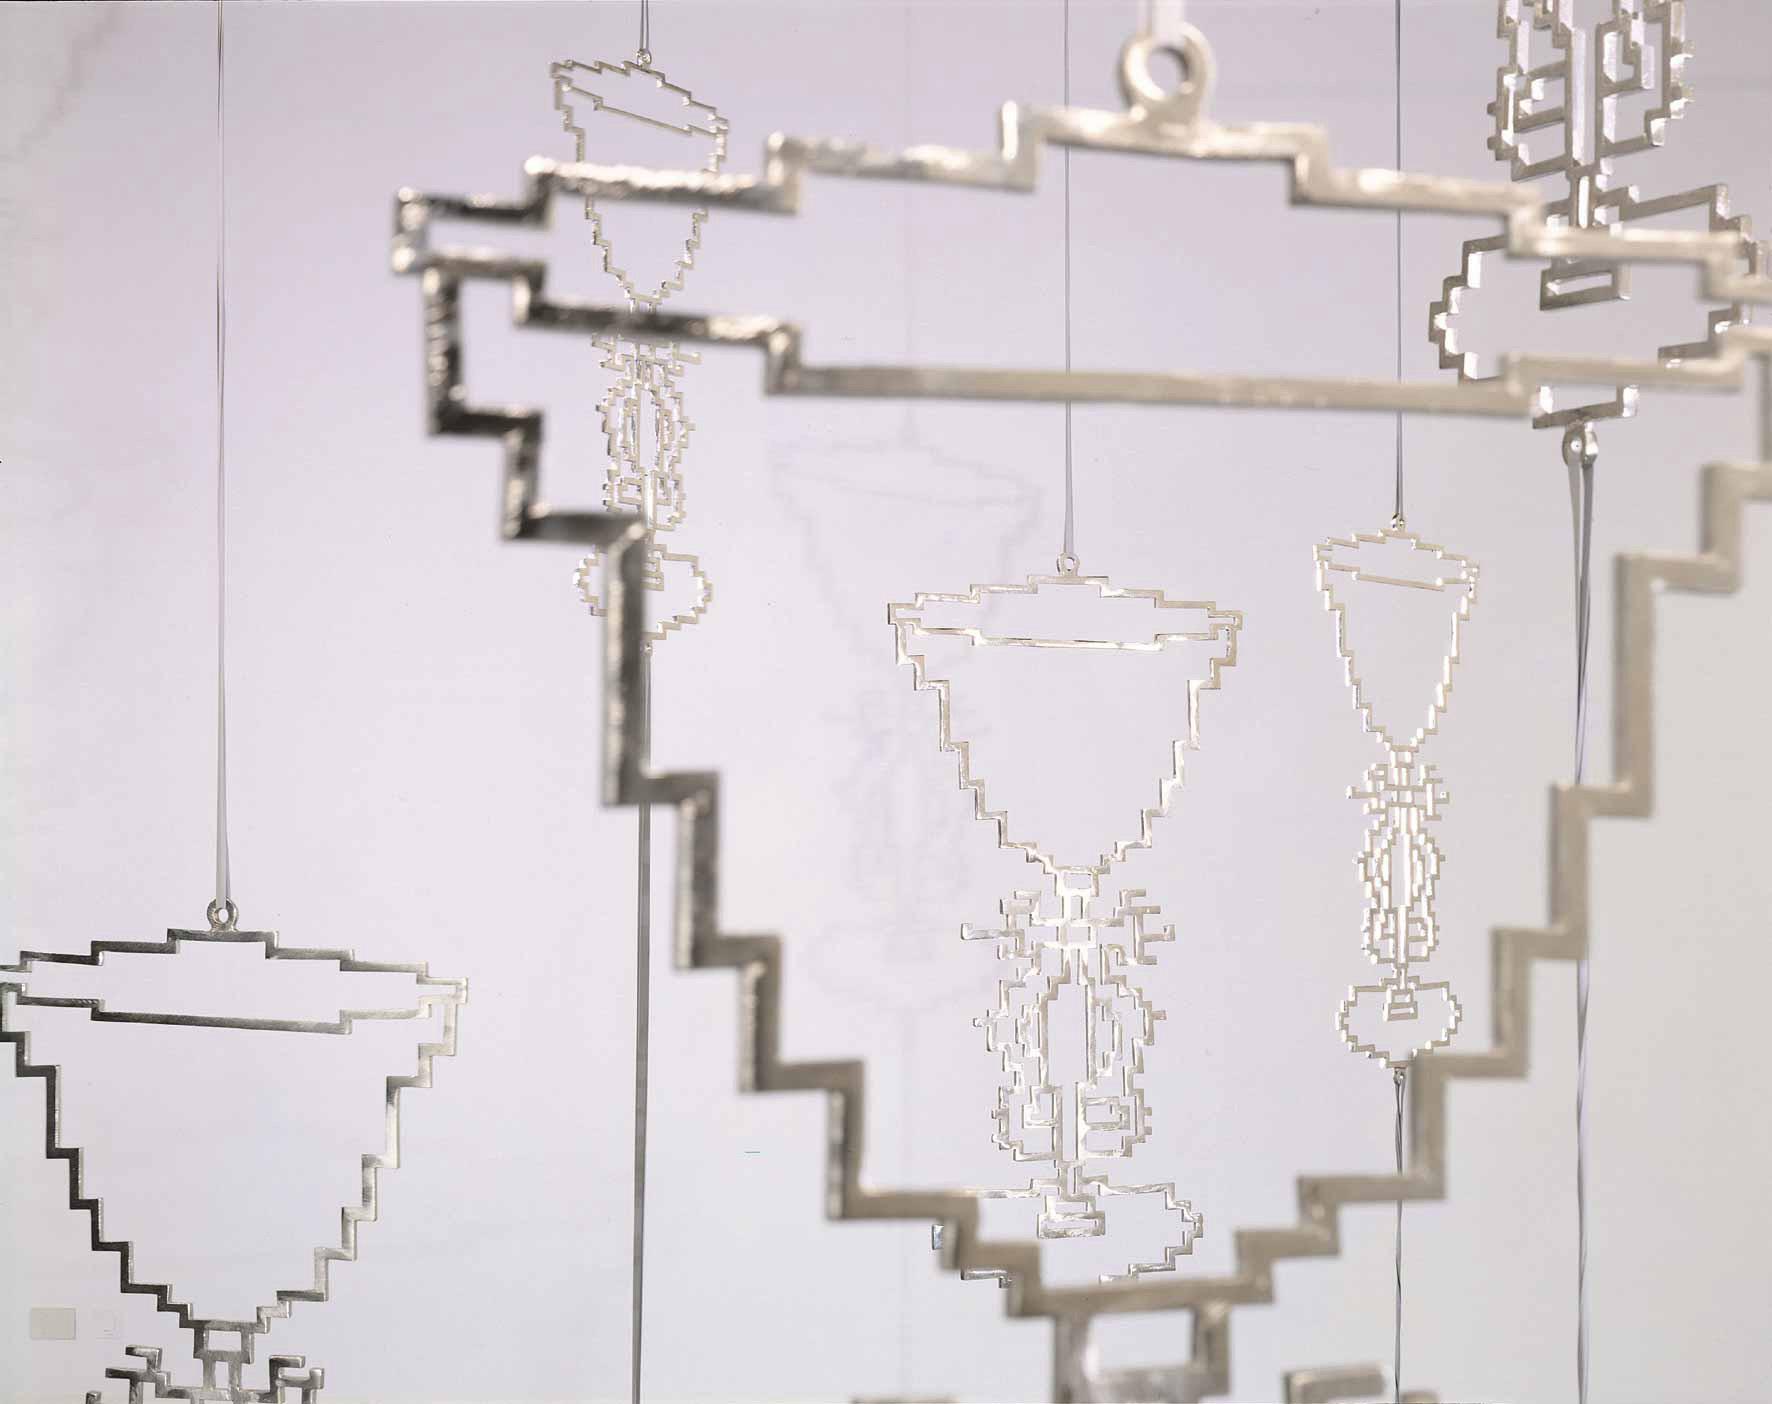 Michele Chiossi Ebrezza, 2000 bronzo cromato, elastici dimensioni variabili installazione scultura mobile girevole alterazione calici Natura Morta zigzag riflessi ombre disegno